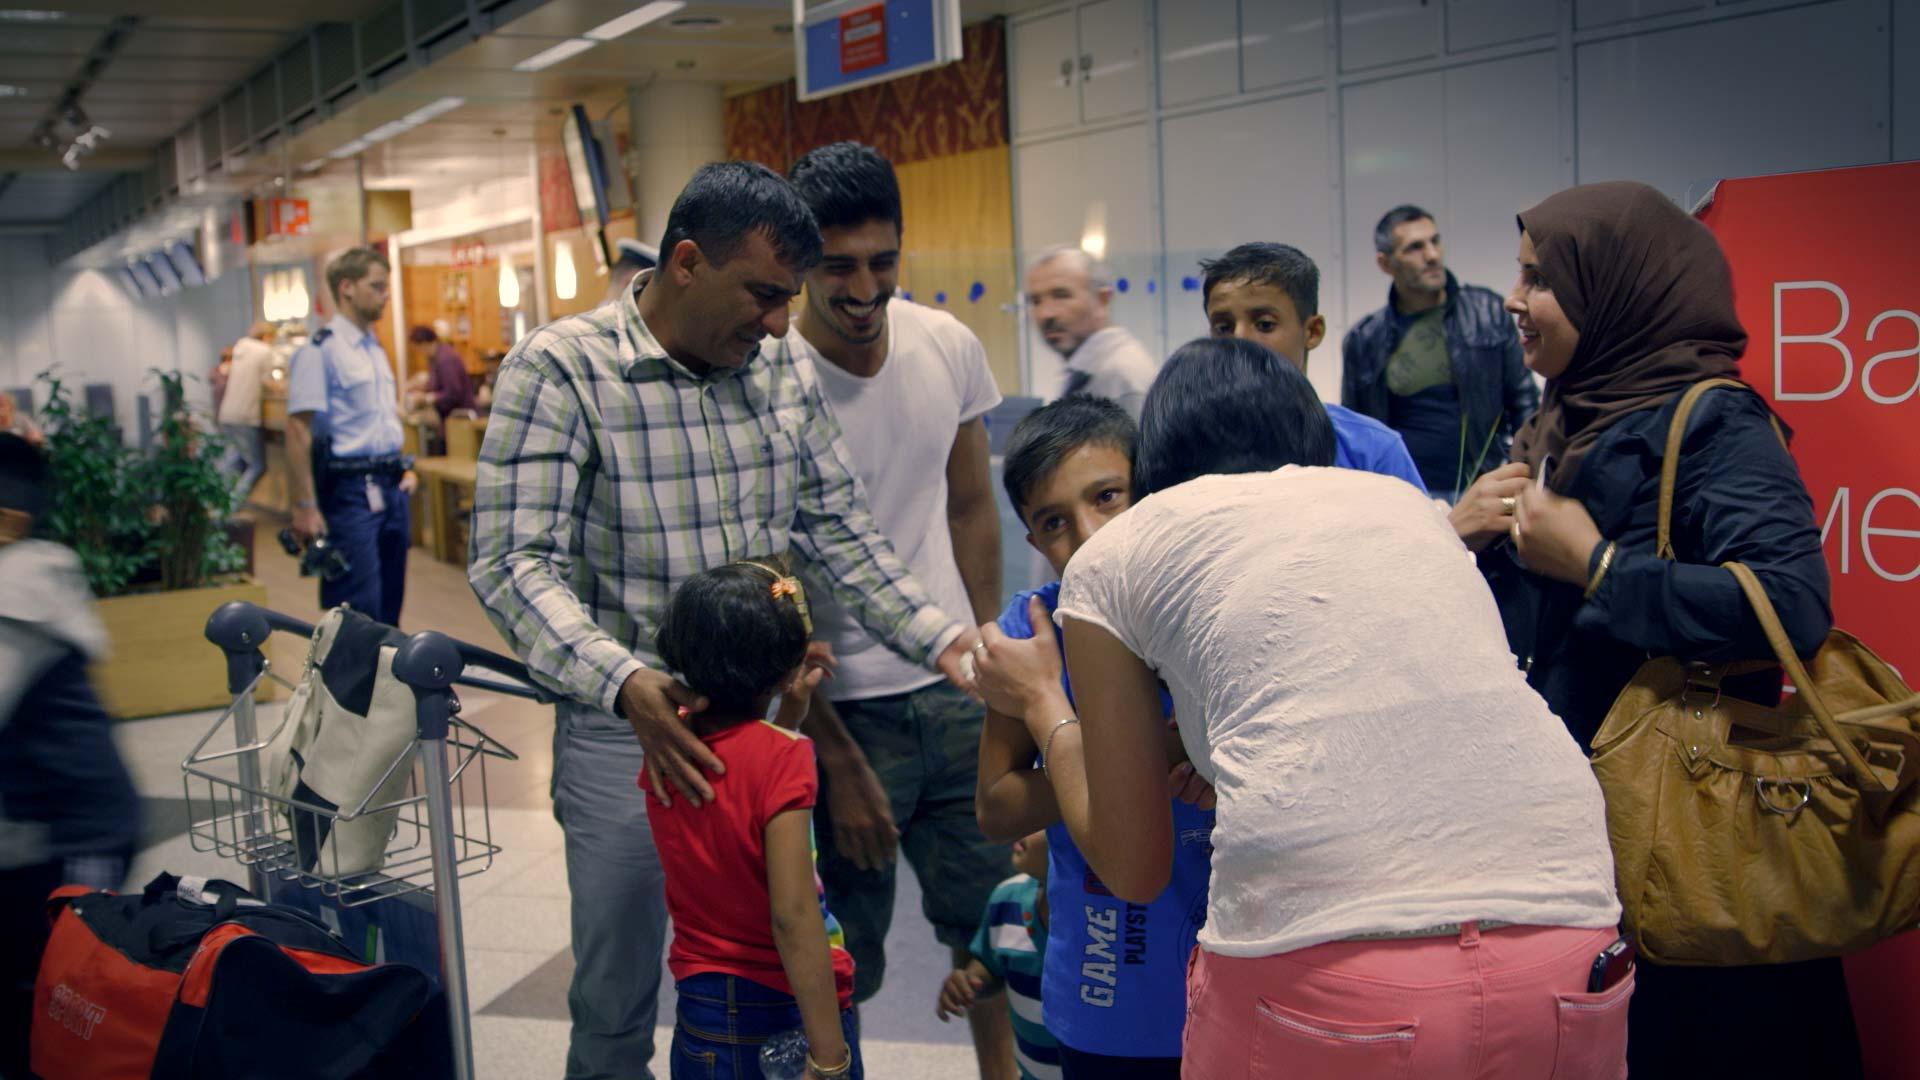 Familienzusammenführung - Ankunft der Ehefrau mit Kindern